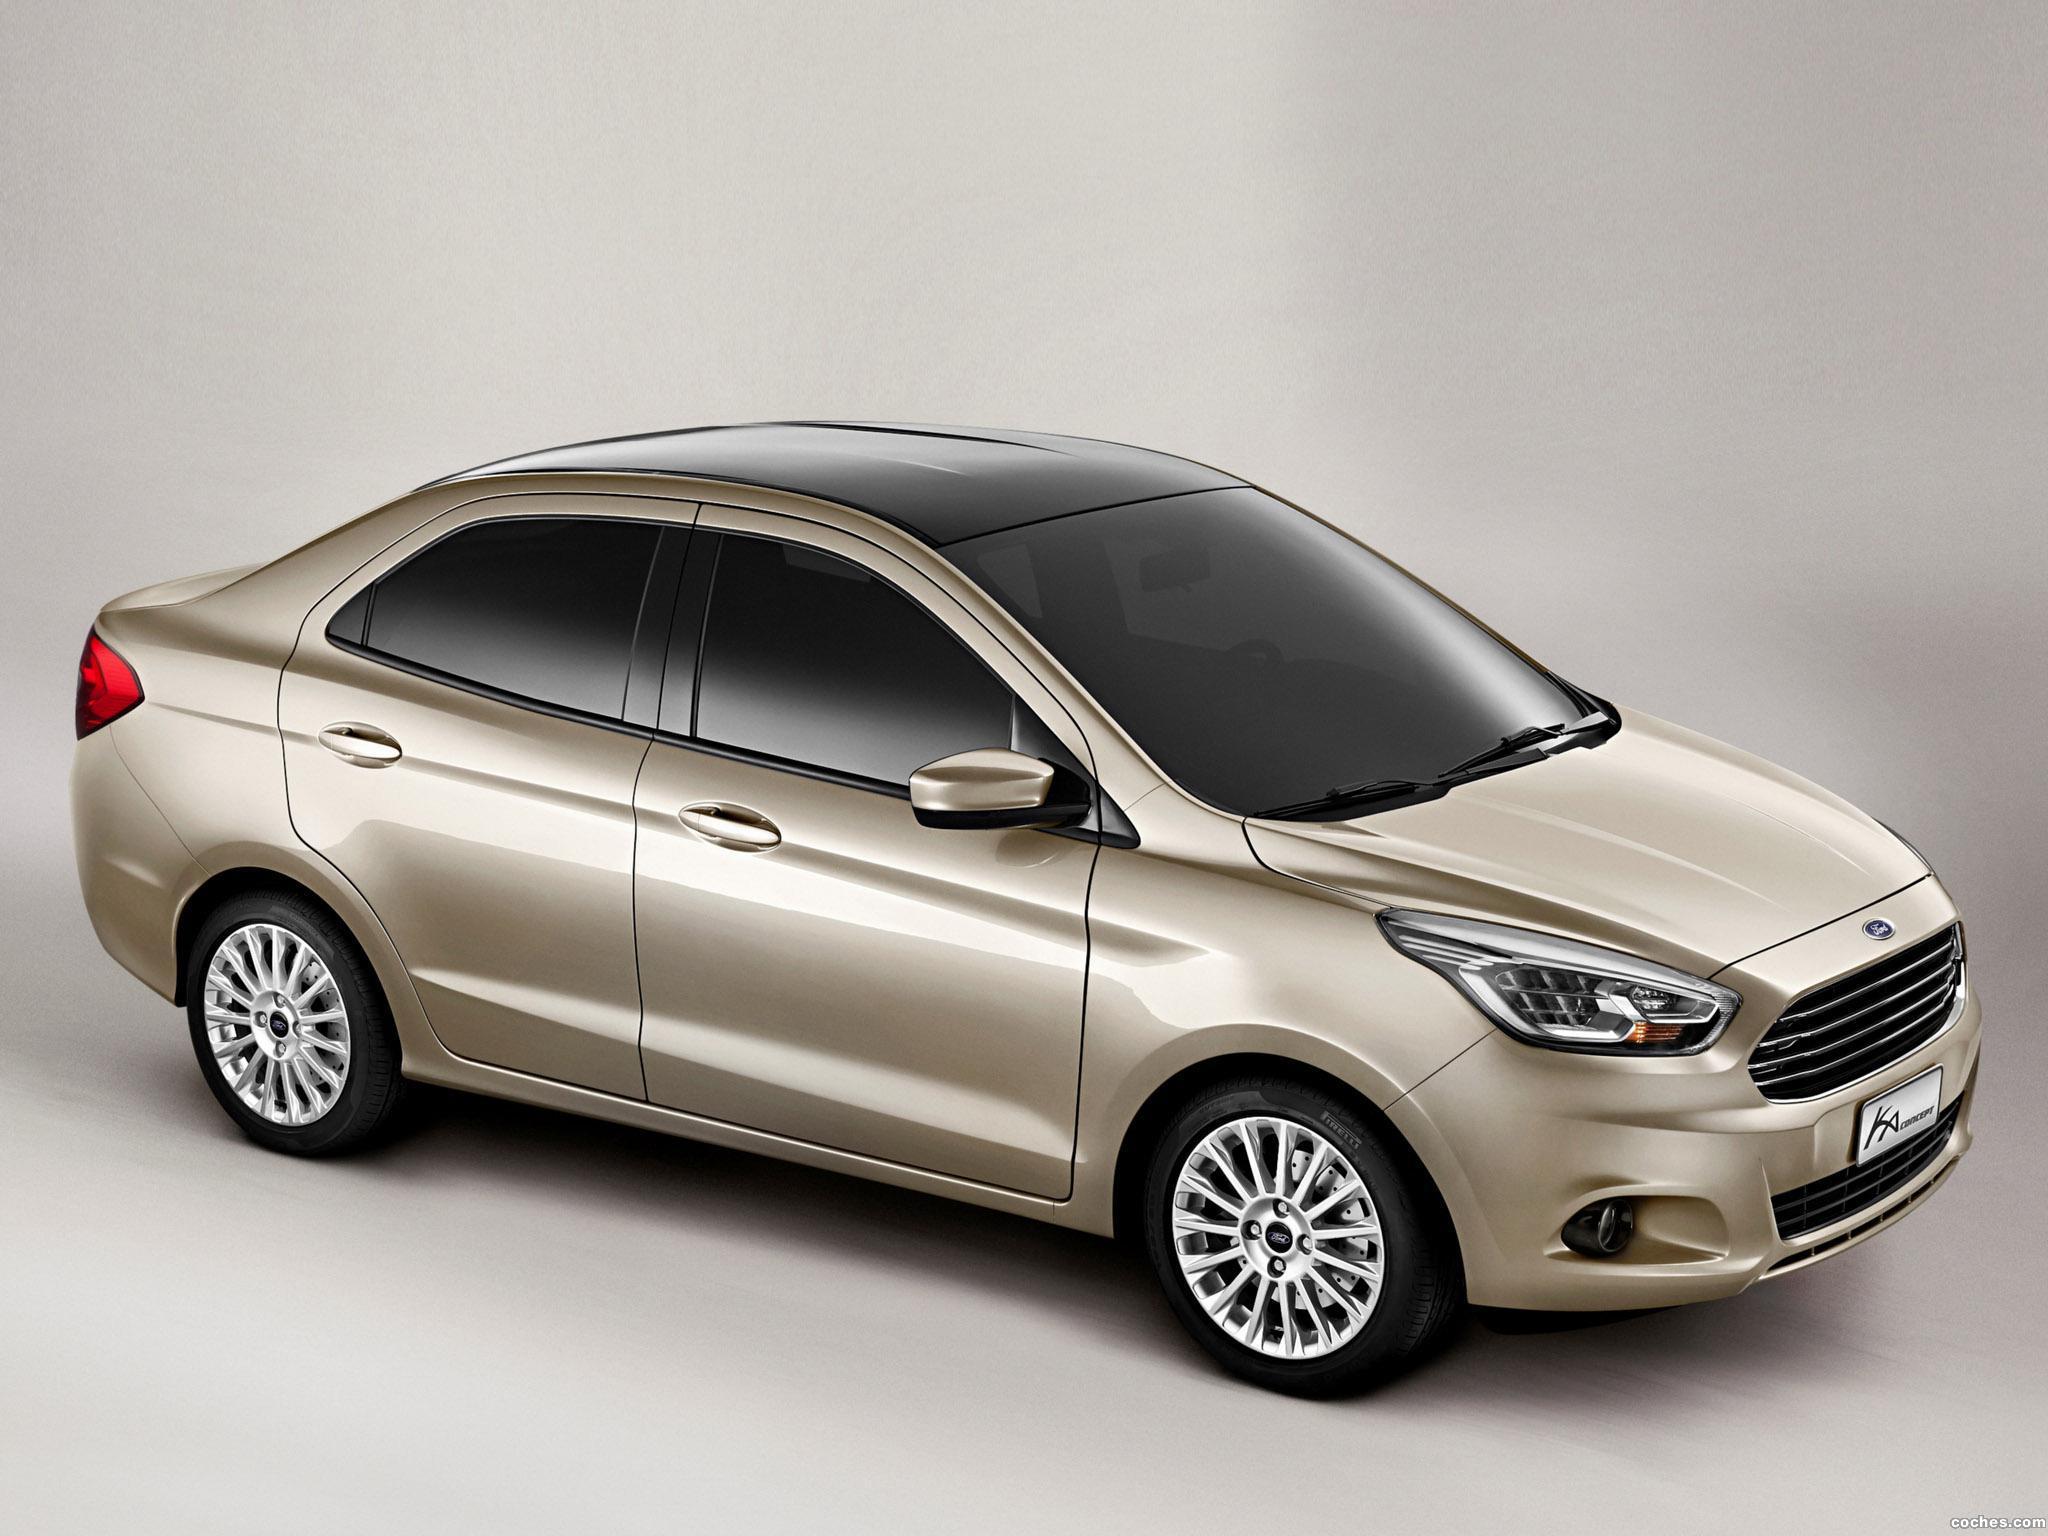 Foto 3 de Ford Ka Sedan Concept 4 puertas 2014